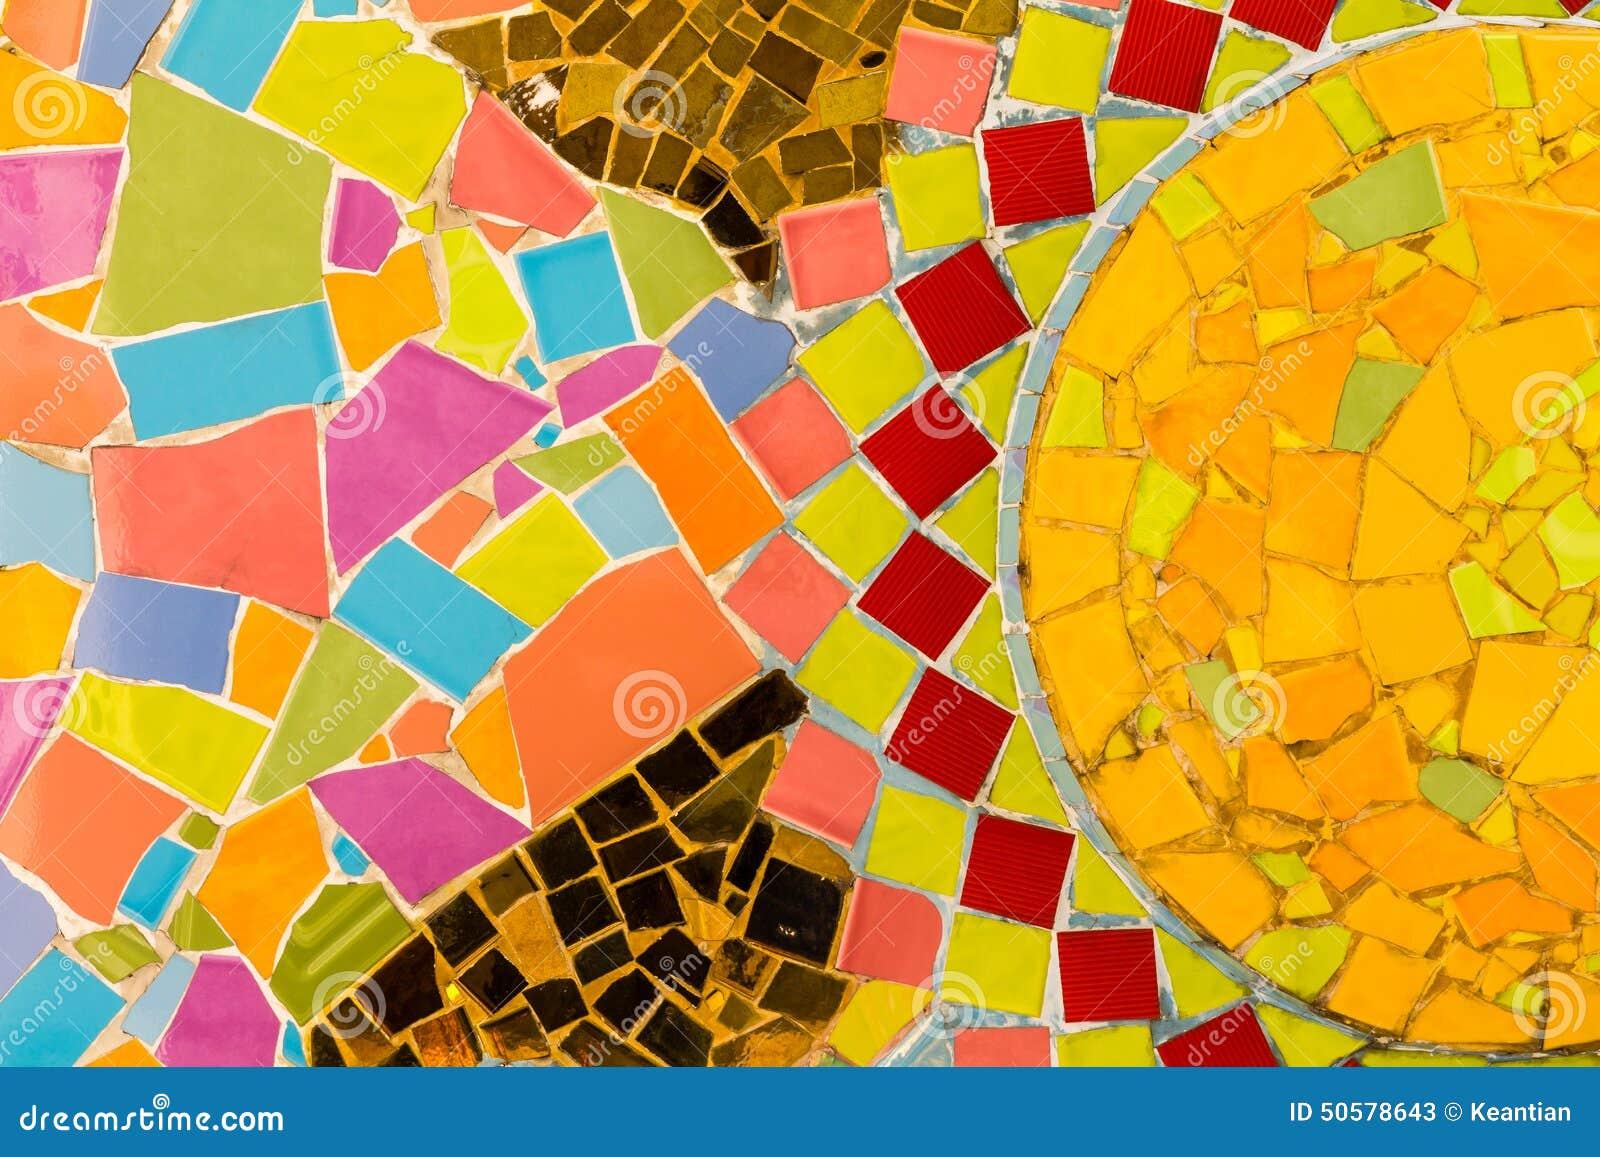 色五tian_背景墙壁铺磁砖有五颜六色的异乎寻常的样式和残骸的破裂的板材.